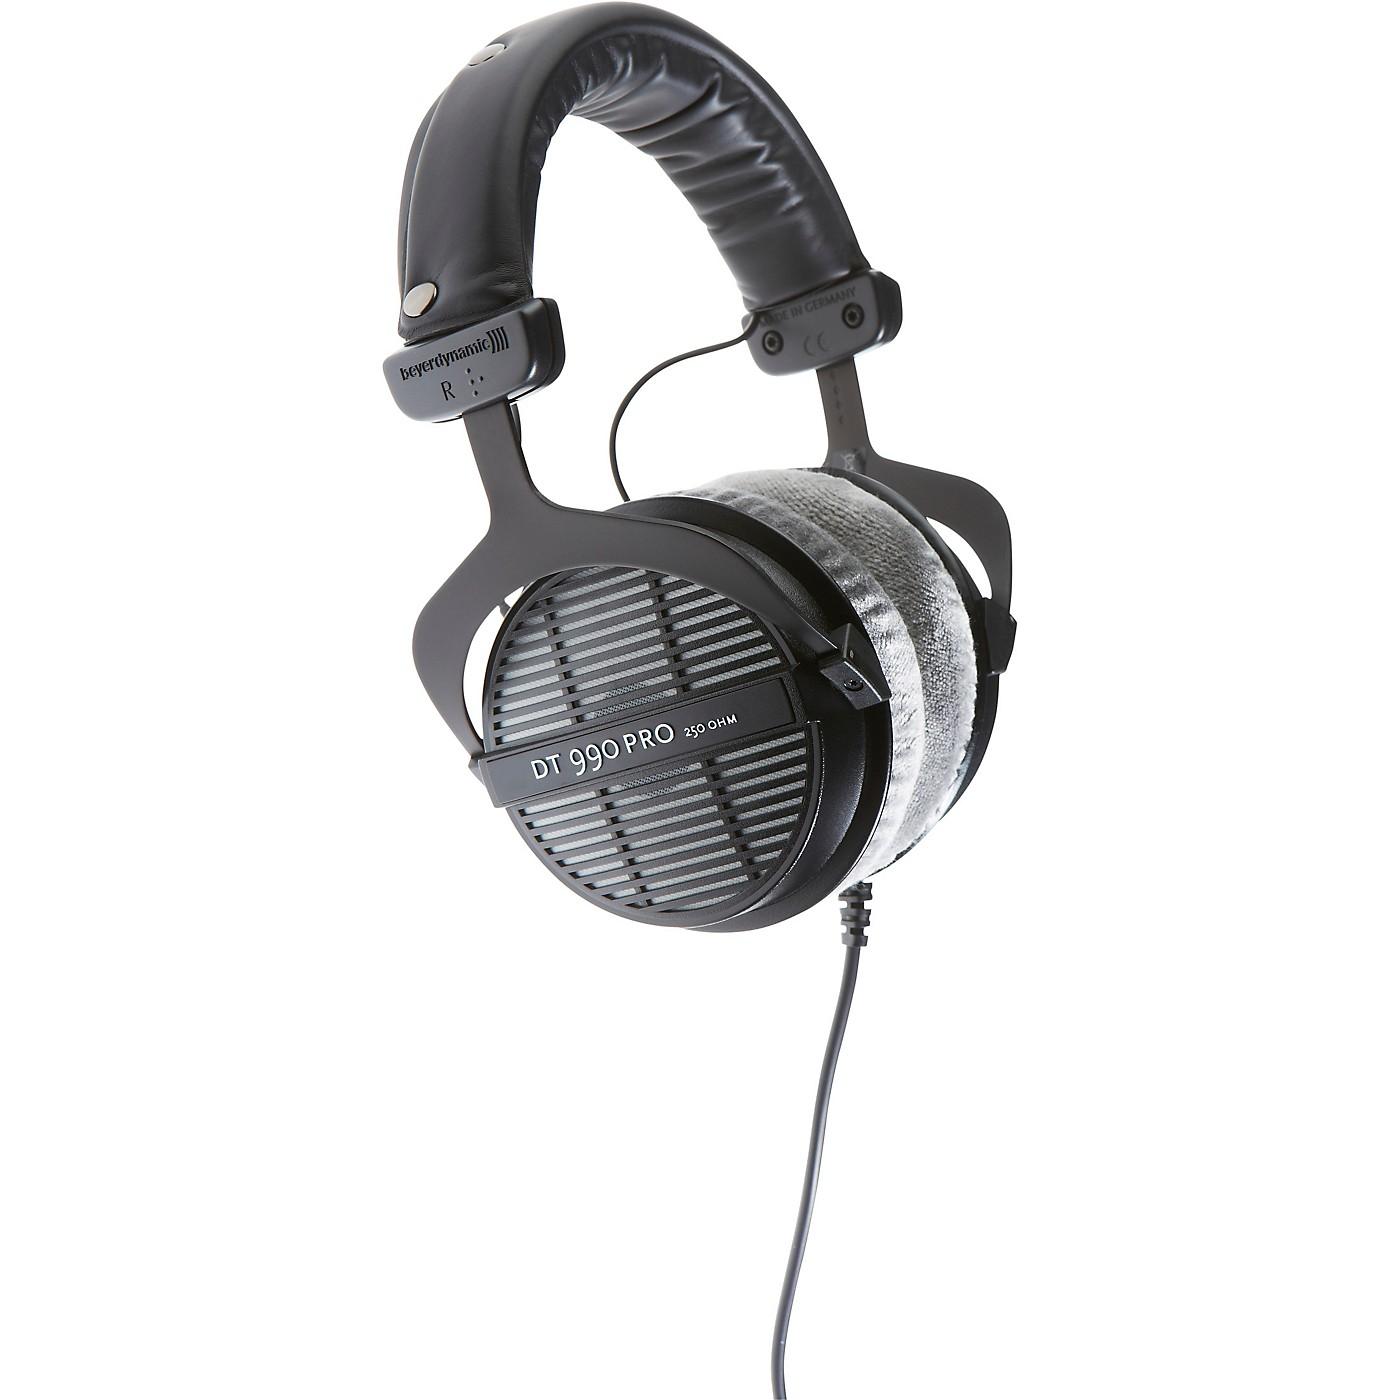 Beyerdynamic DT 990 PRO Open Studio Headphones 250 Ohms thumbnail